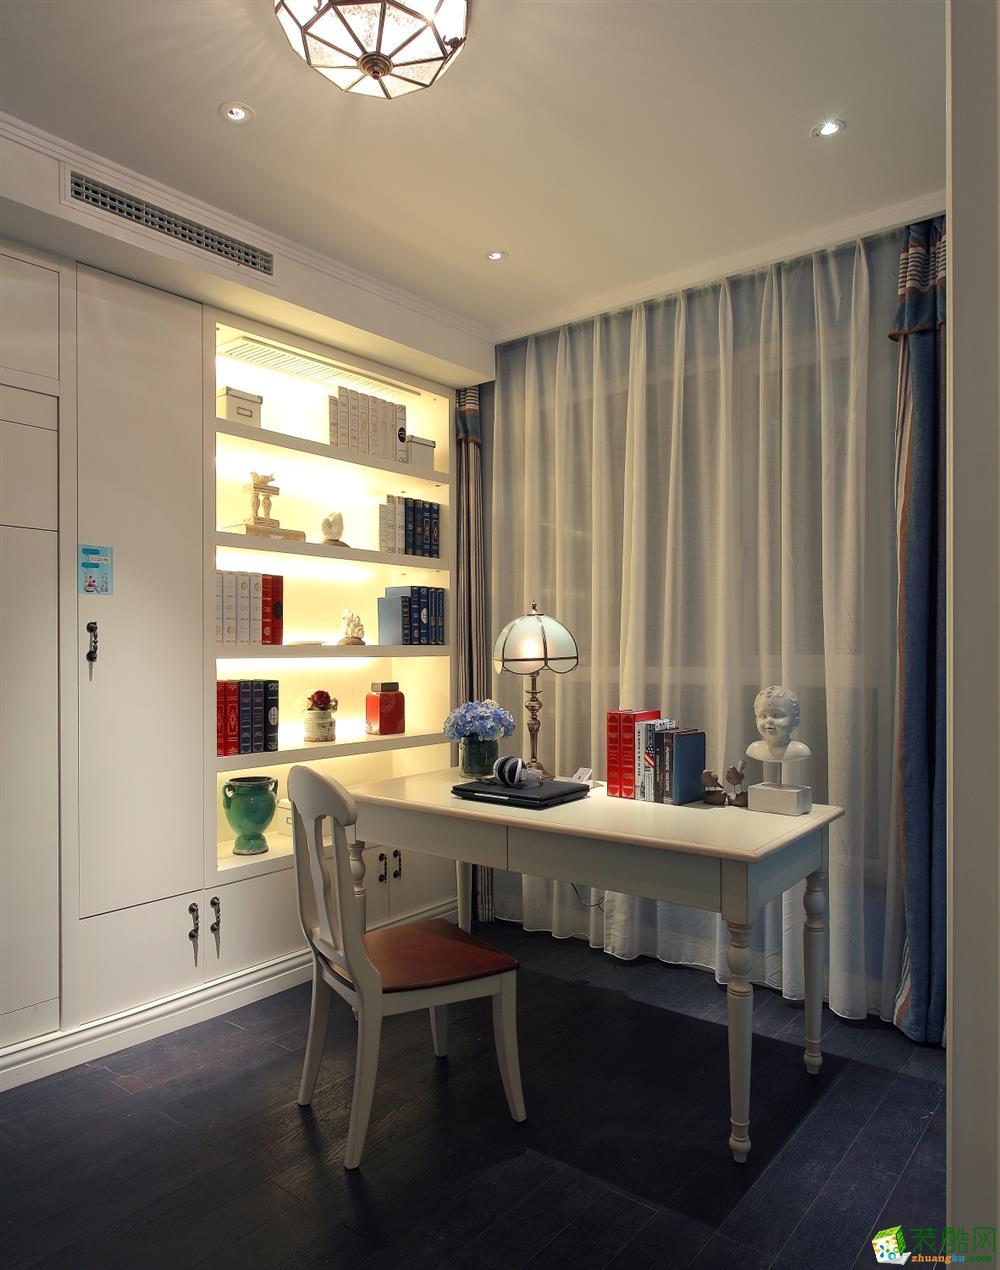 【中之旗装饰】80平两室一厅一卫地中海风格装修效果图